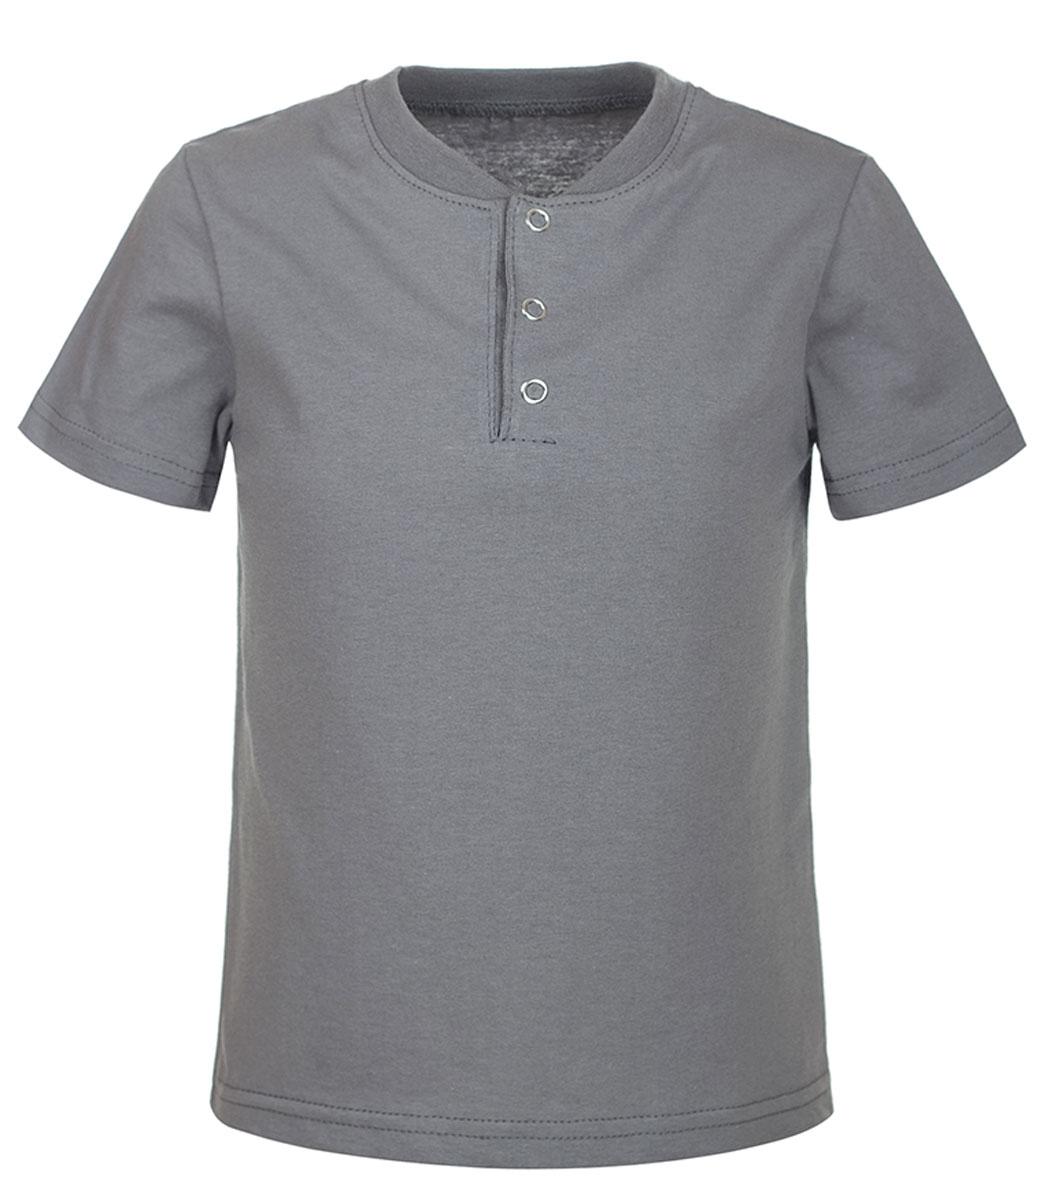 Футболка для мальчика M&D, цвет: серый. ФМ1604. Размер 104ФМ1604Футболка для мальчика M&D выполнена из 100% хлопка. Имеет круглый вырез воротника оформленный текстильной резинкой, который застегивается на три кнопки спереди.